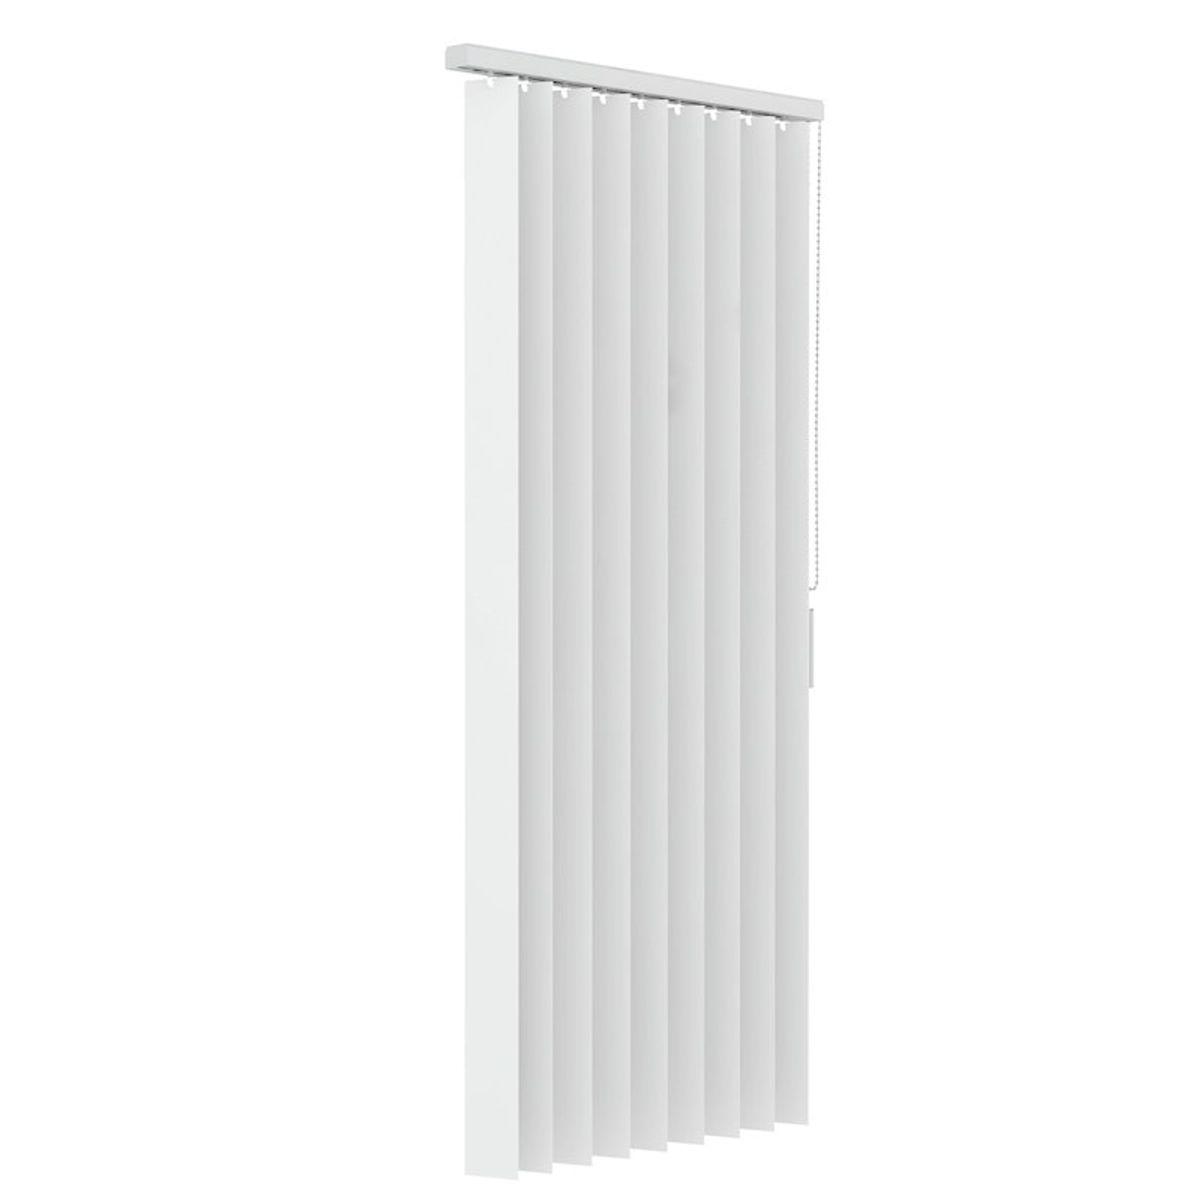 Verticale lamellen PVC 89mm - Wit - 150cm x 250cm